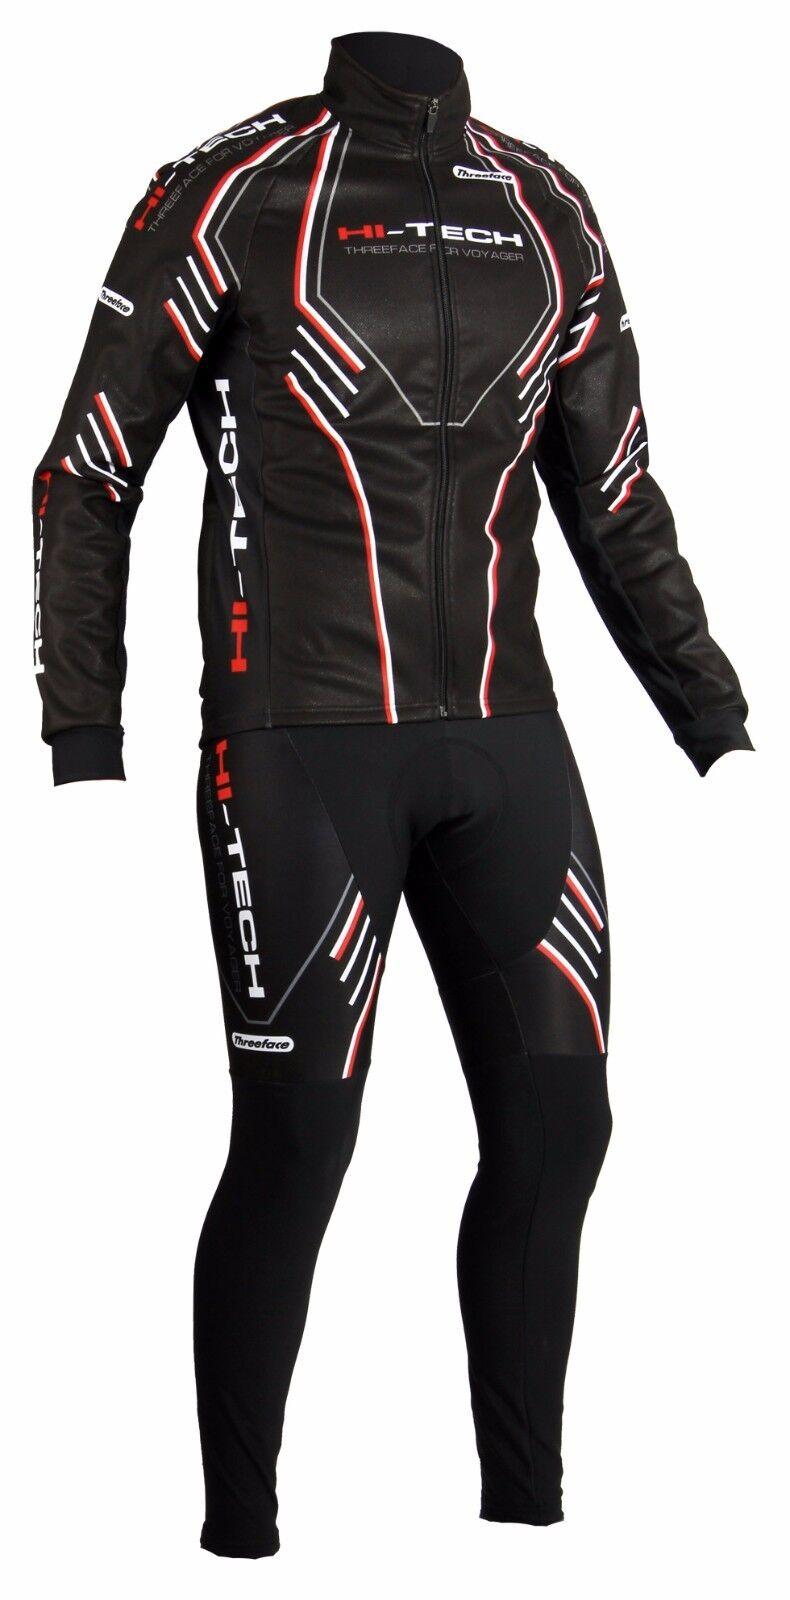 Completo invernale ciclismo giubbino + salopette termico giacca pesante hitech